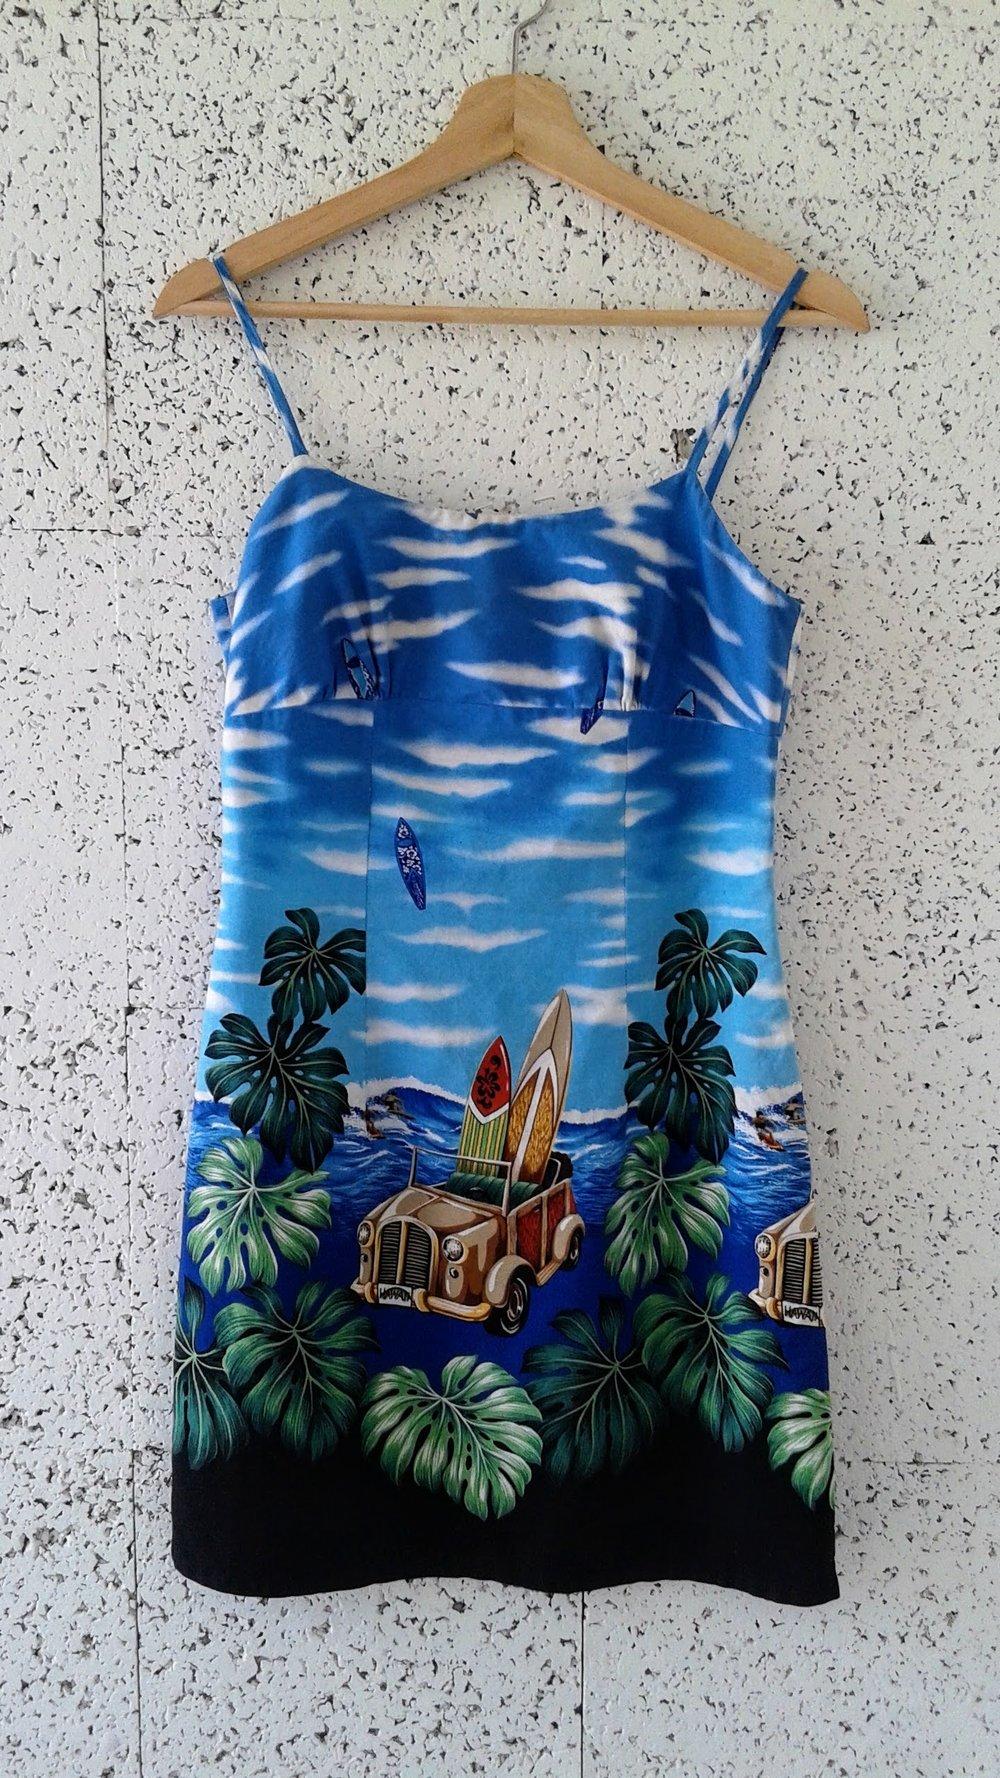 Ky's dress; Size S, $24